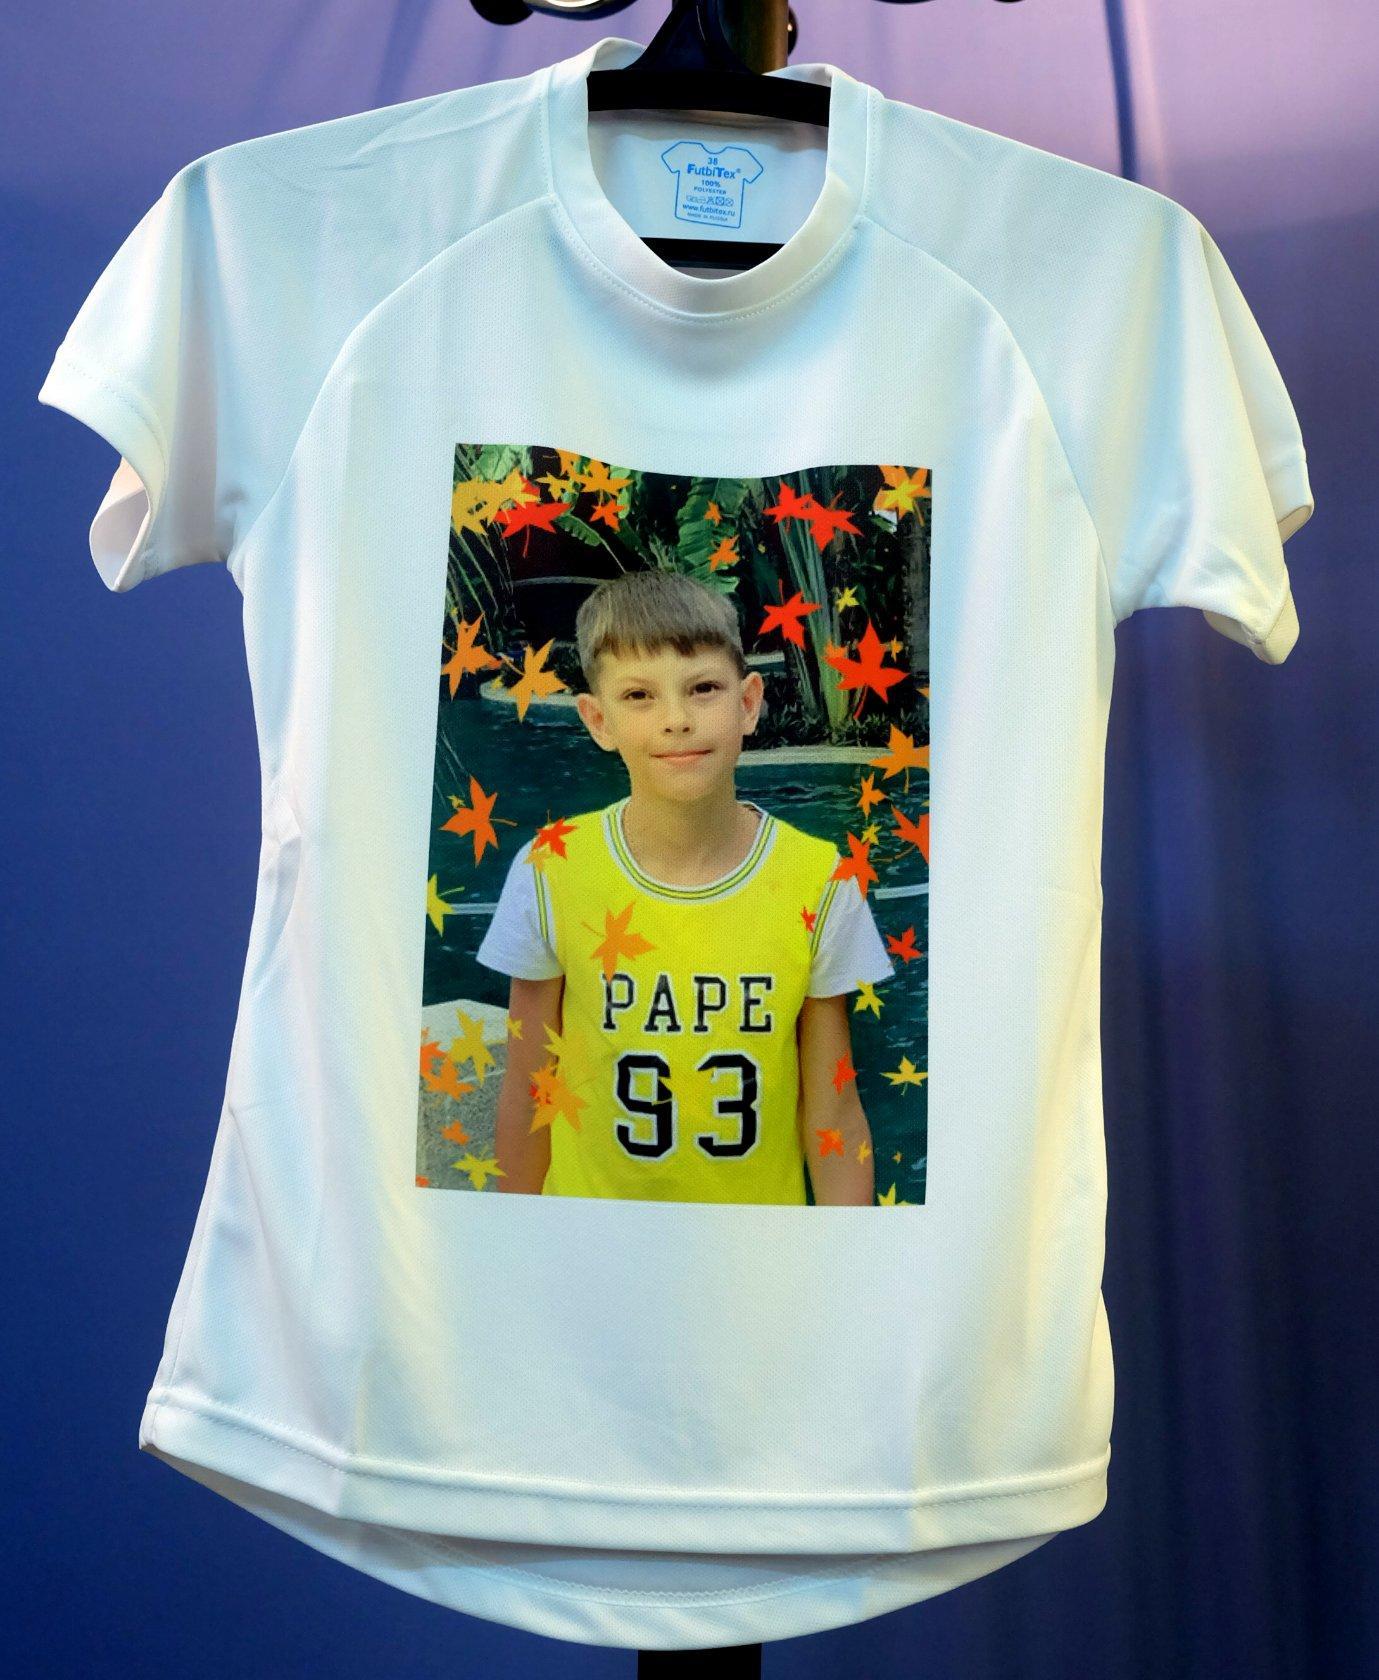 афалина этом фото на футболках москва адреса данном